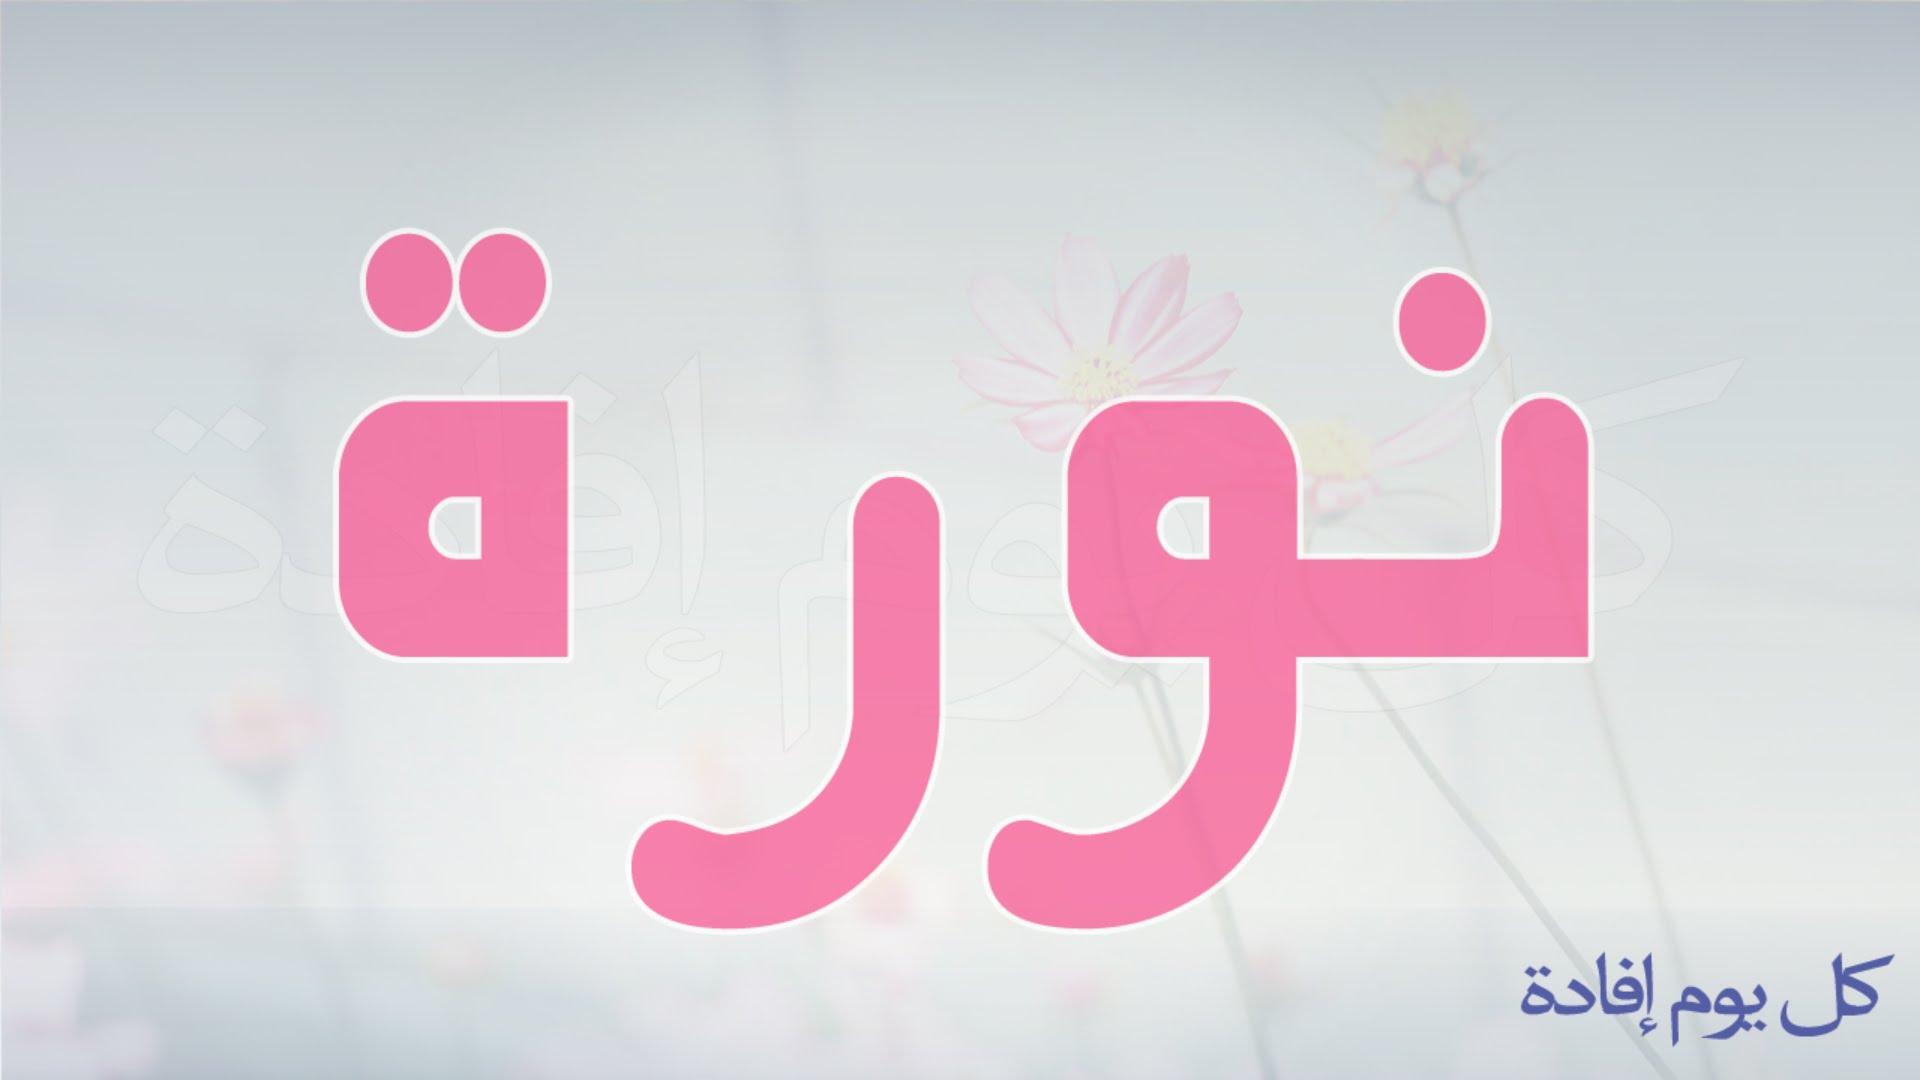 بالصور معنى اسم نوره , معاني اسماء البنات 2301